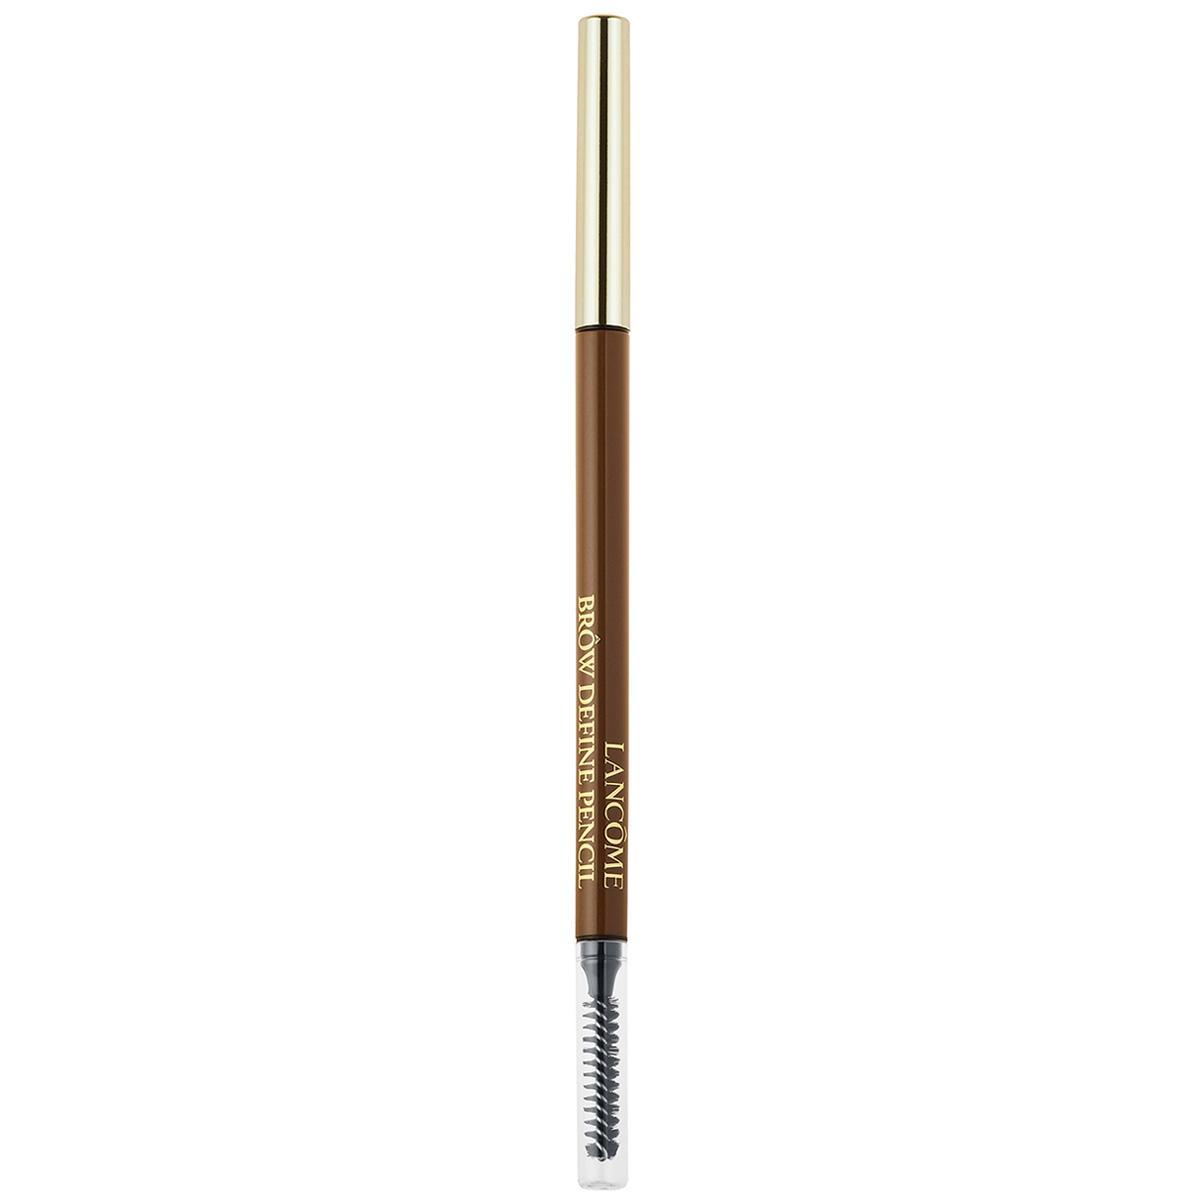 Lancôme - Brôw Define Pencil - Crayon sourcils précision